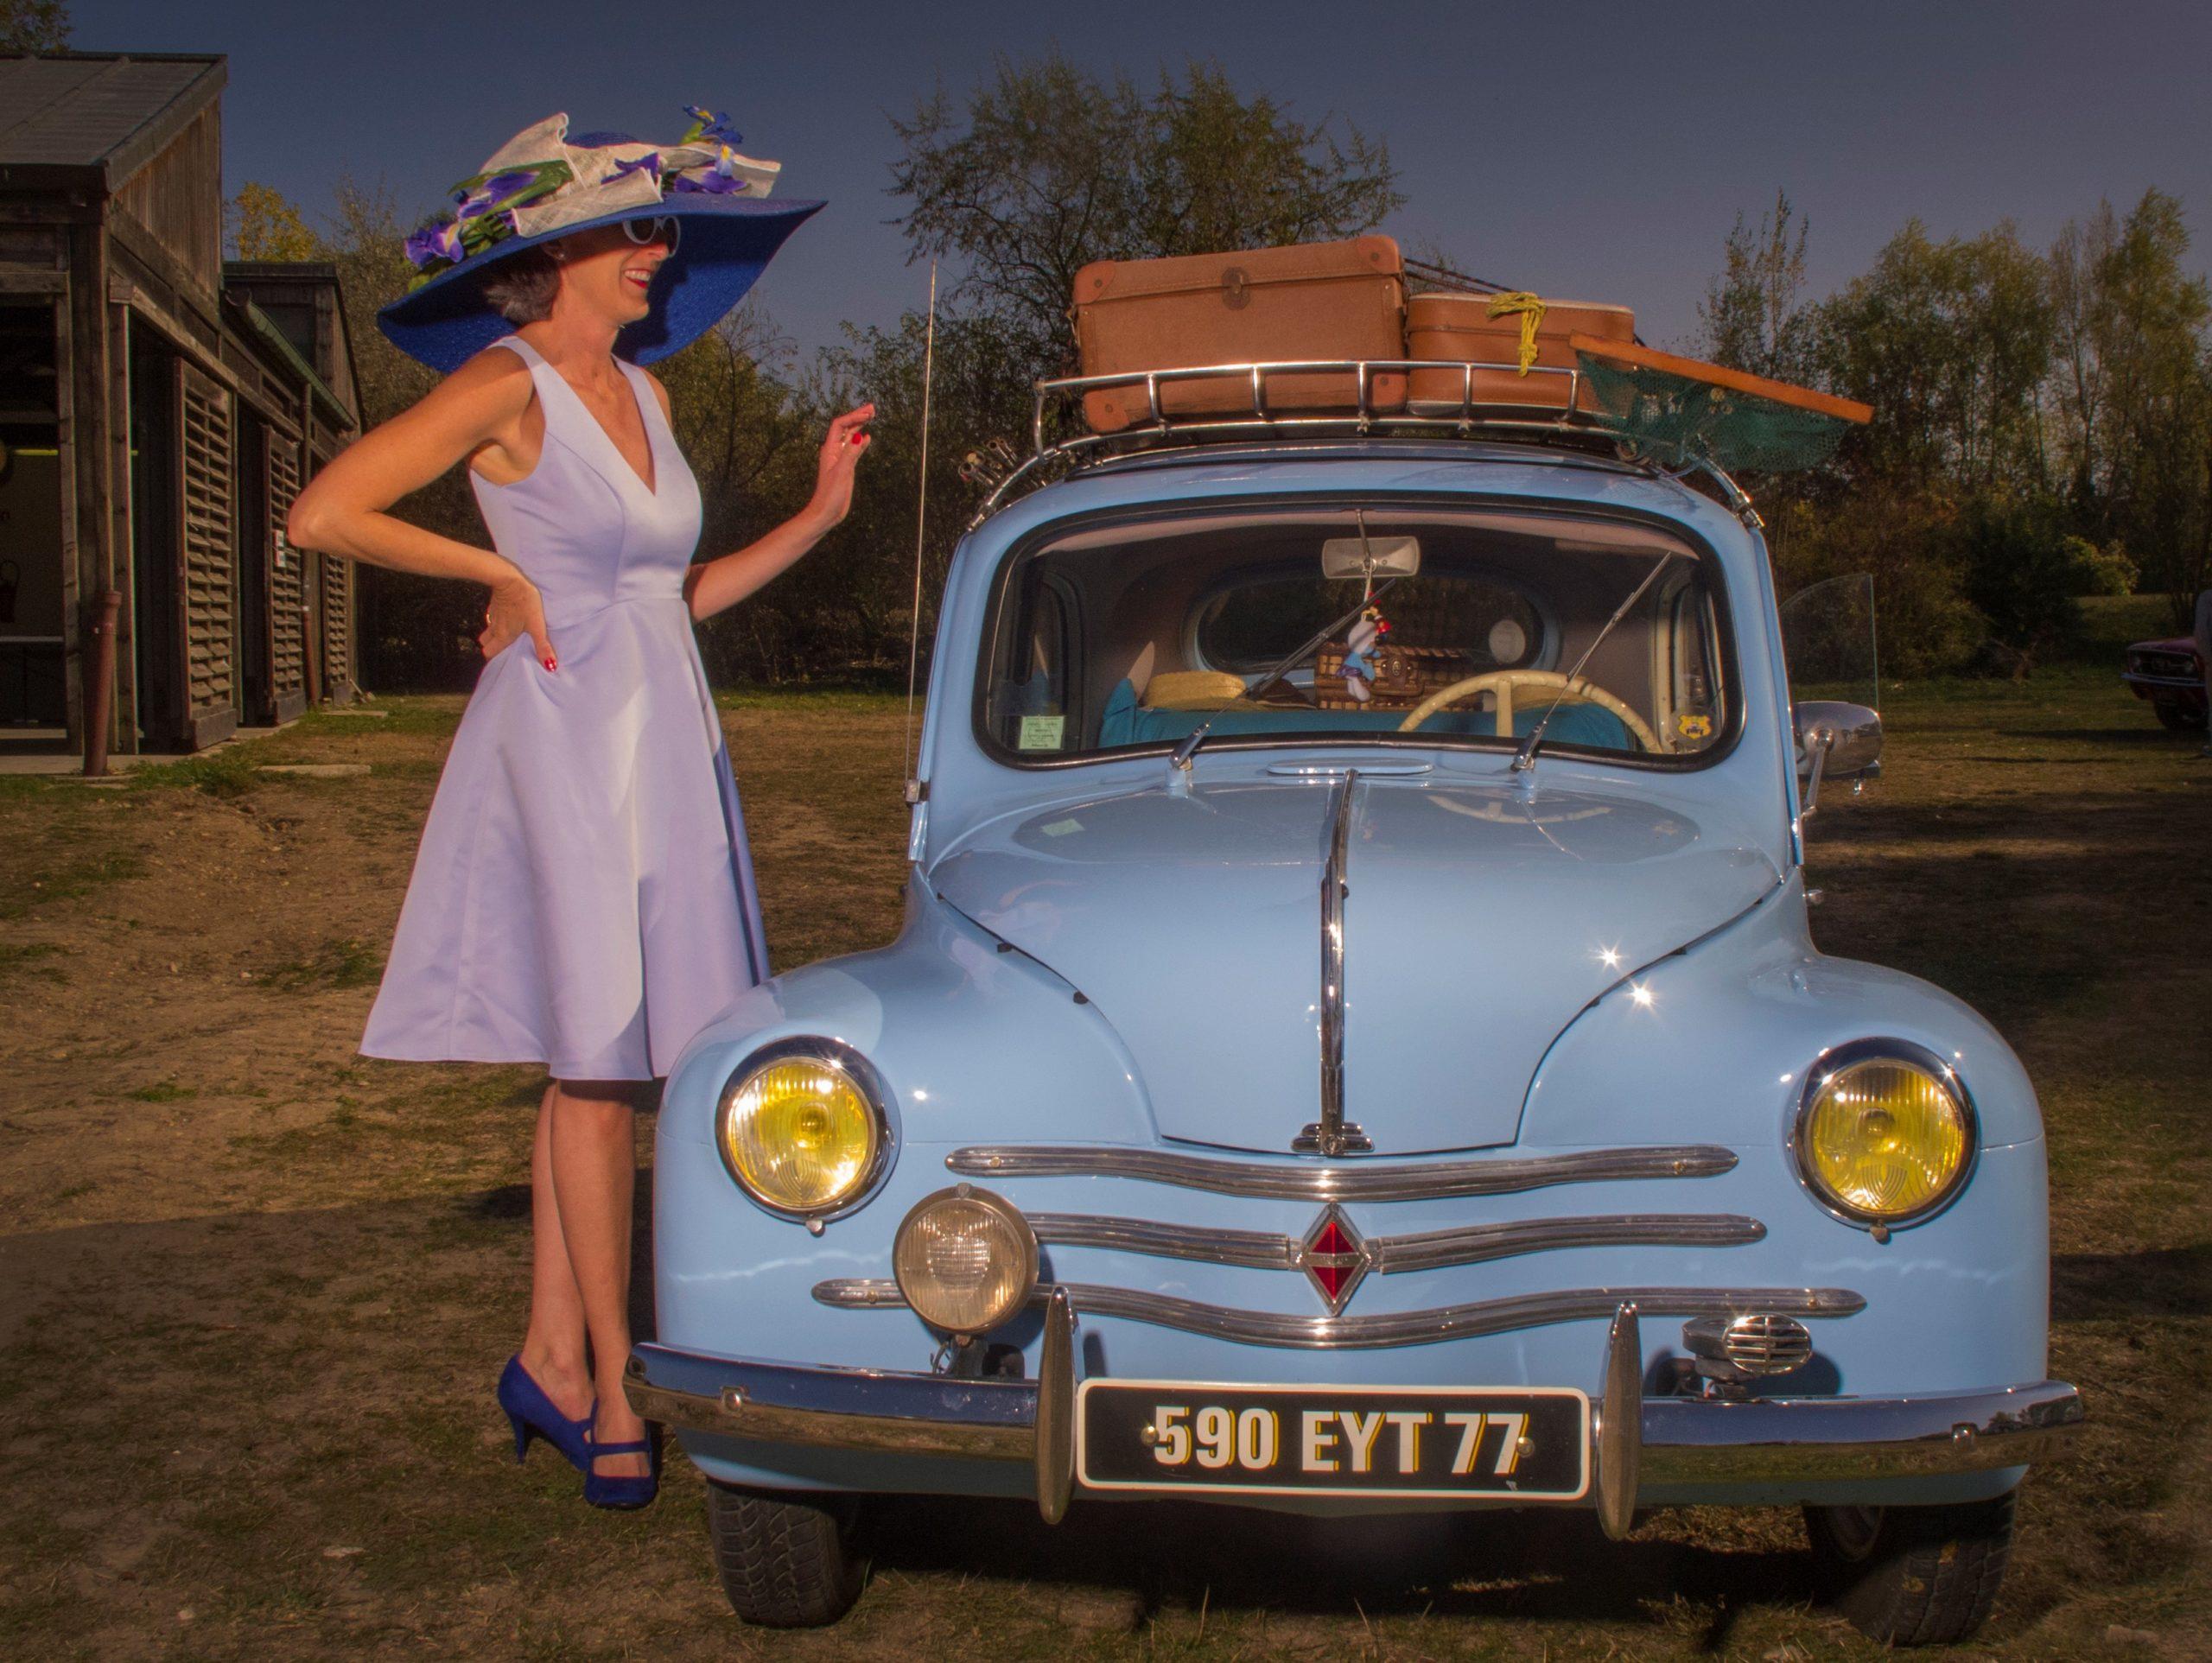 4CV chapeaux cecile descombes (2)